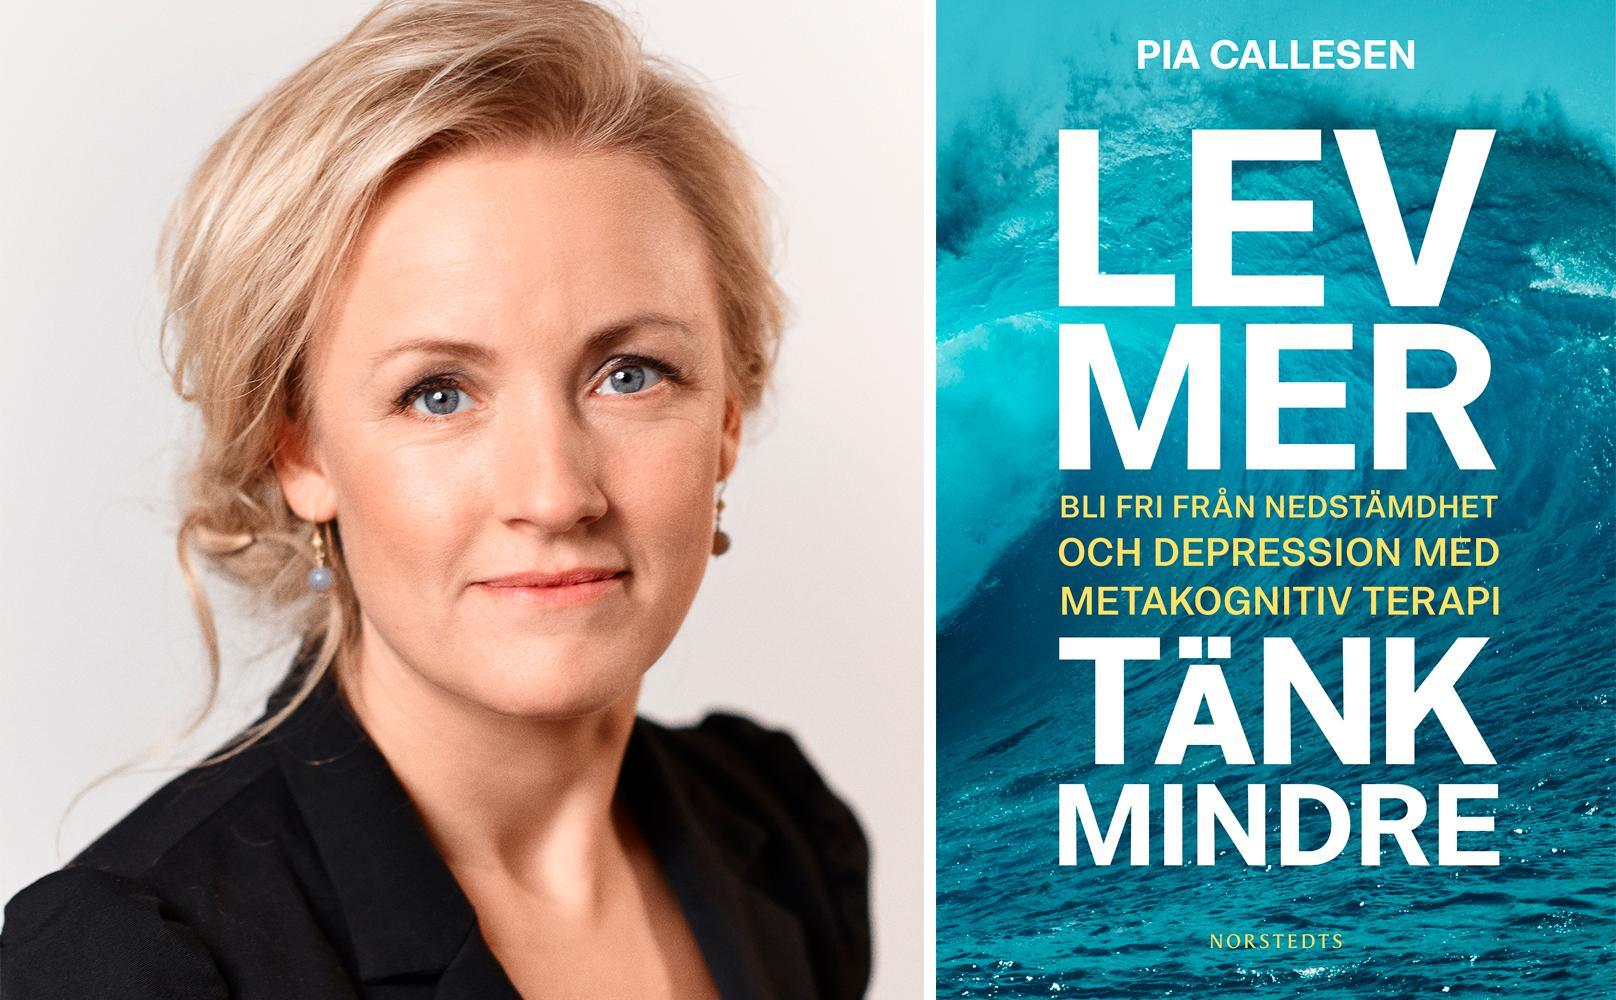 """Pia Callesen, psykolog, och författare till boken """"Lev mer, tänk mindre""""."""